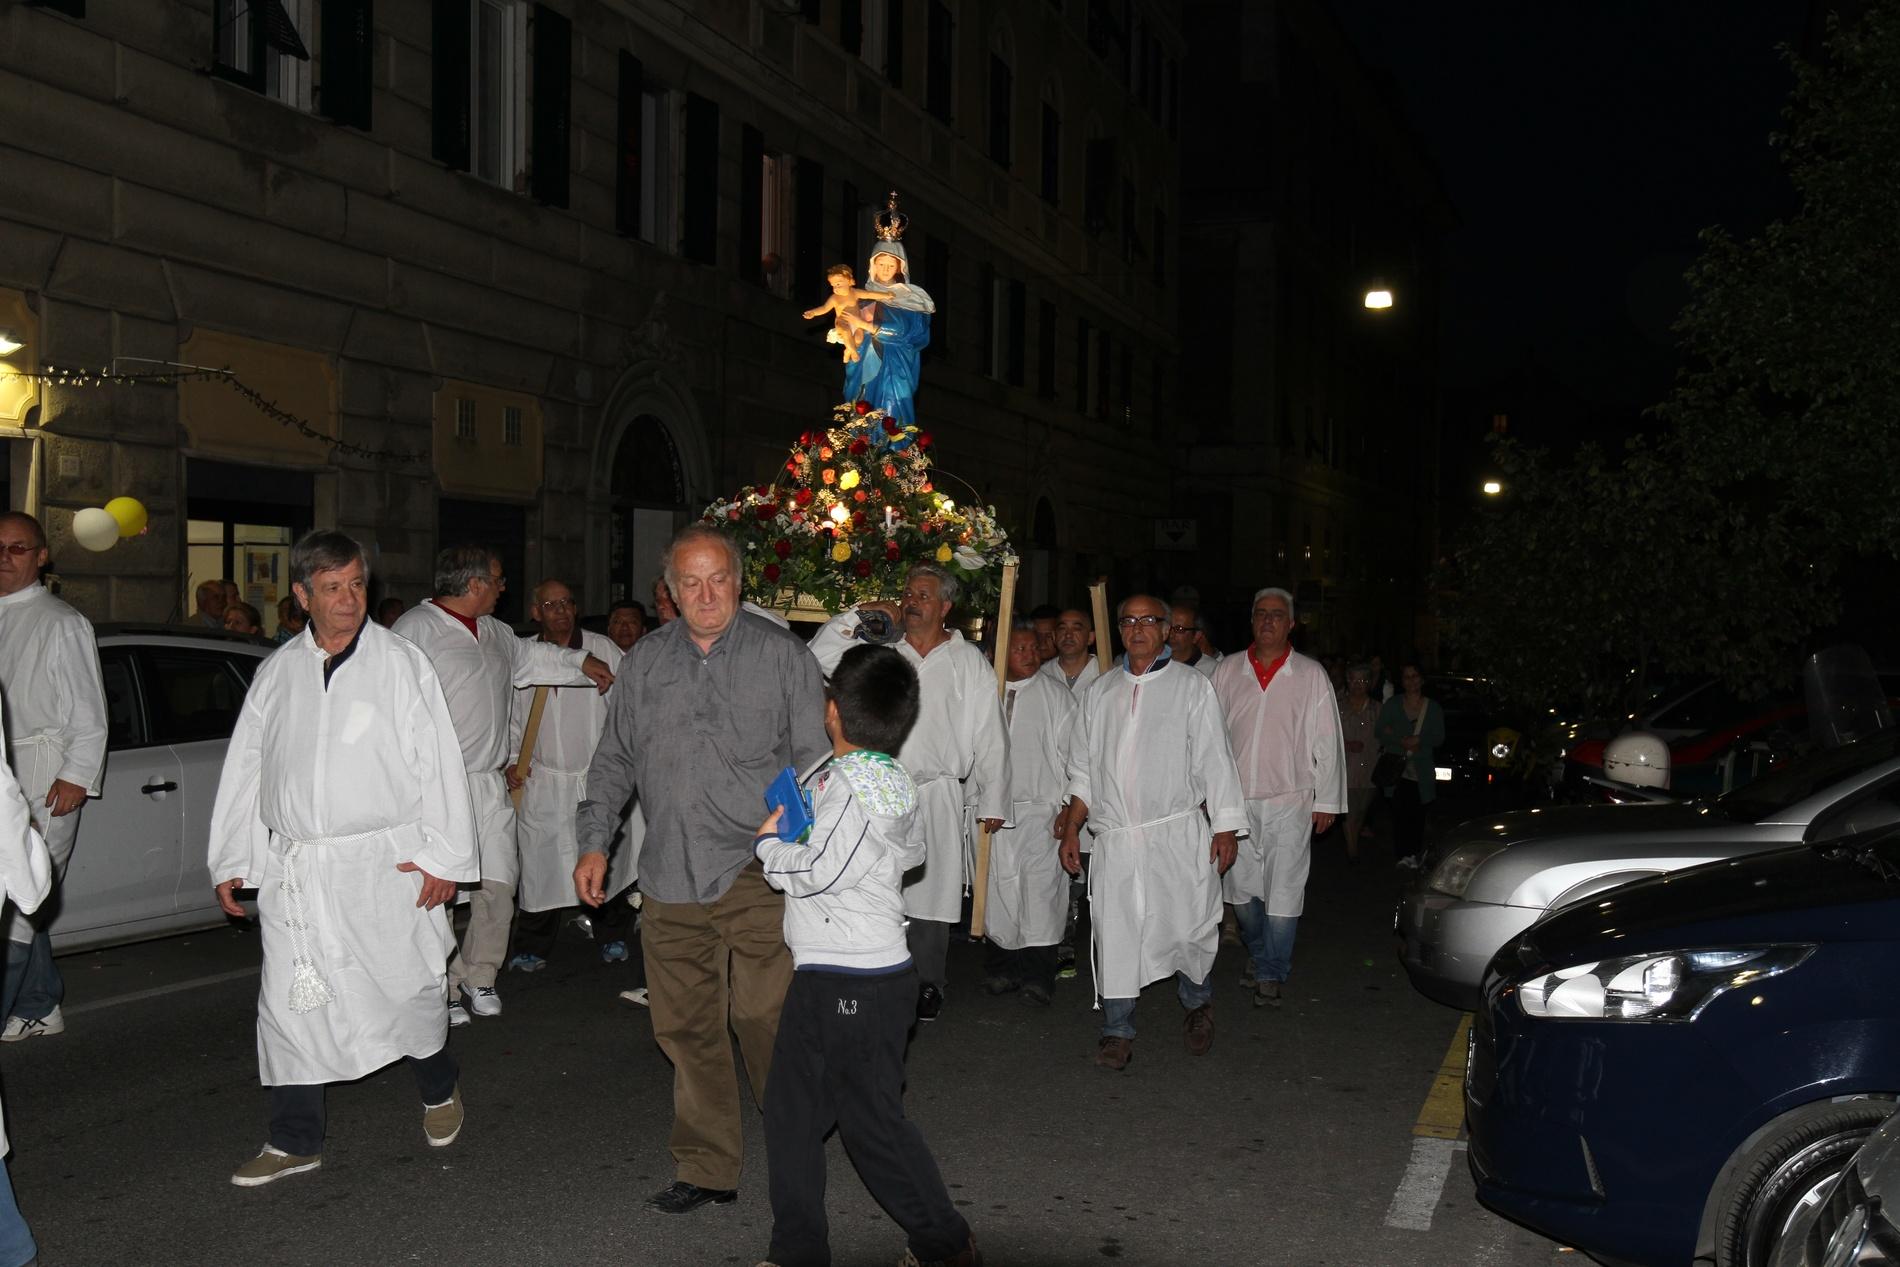 processione-madonna-2015-05-31-21-35-22